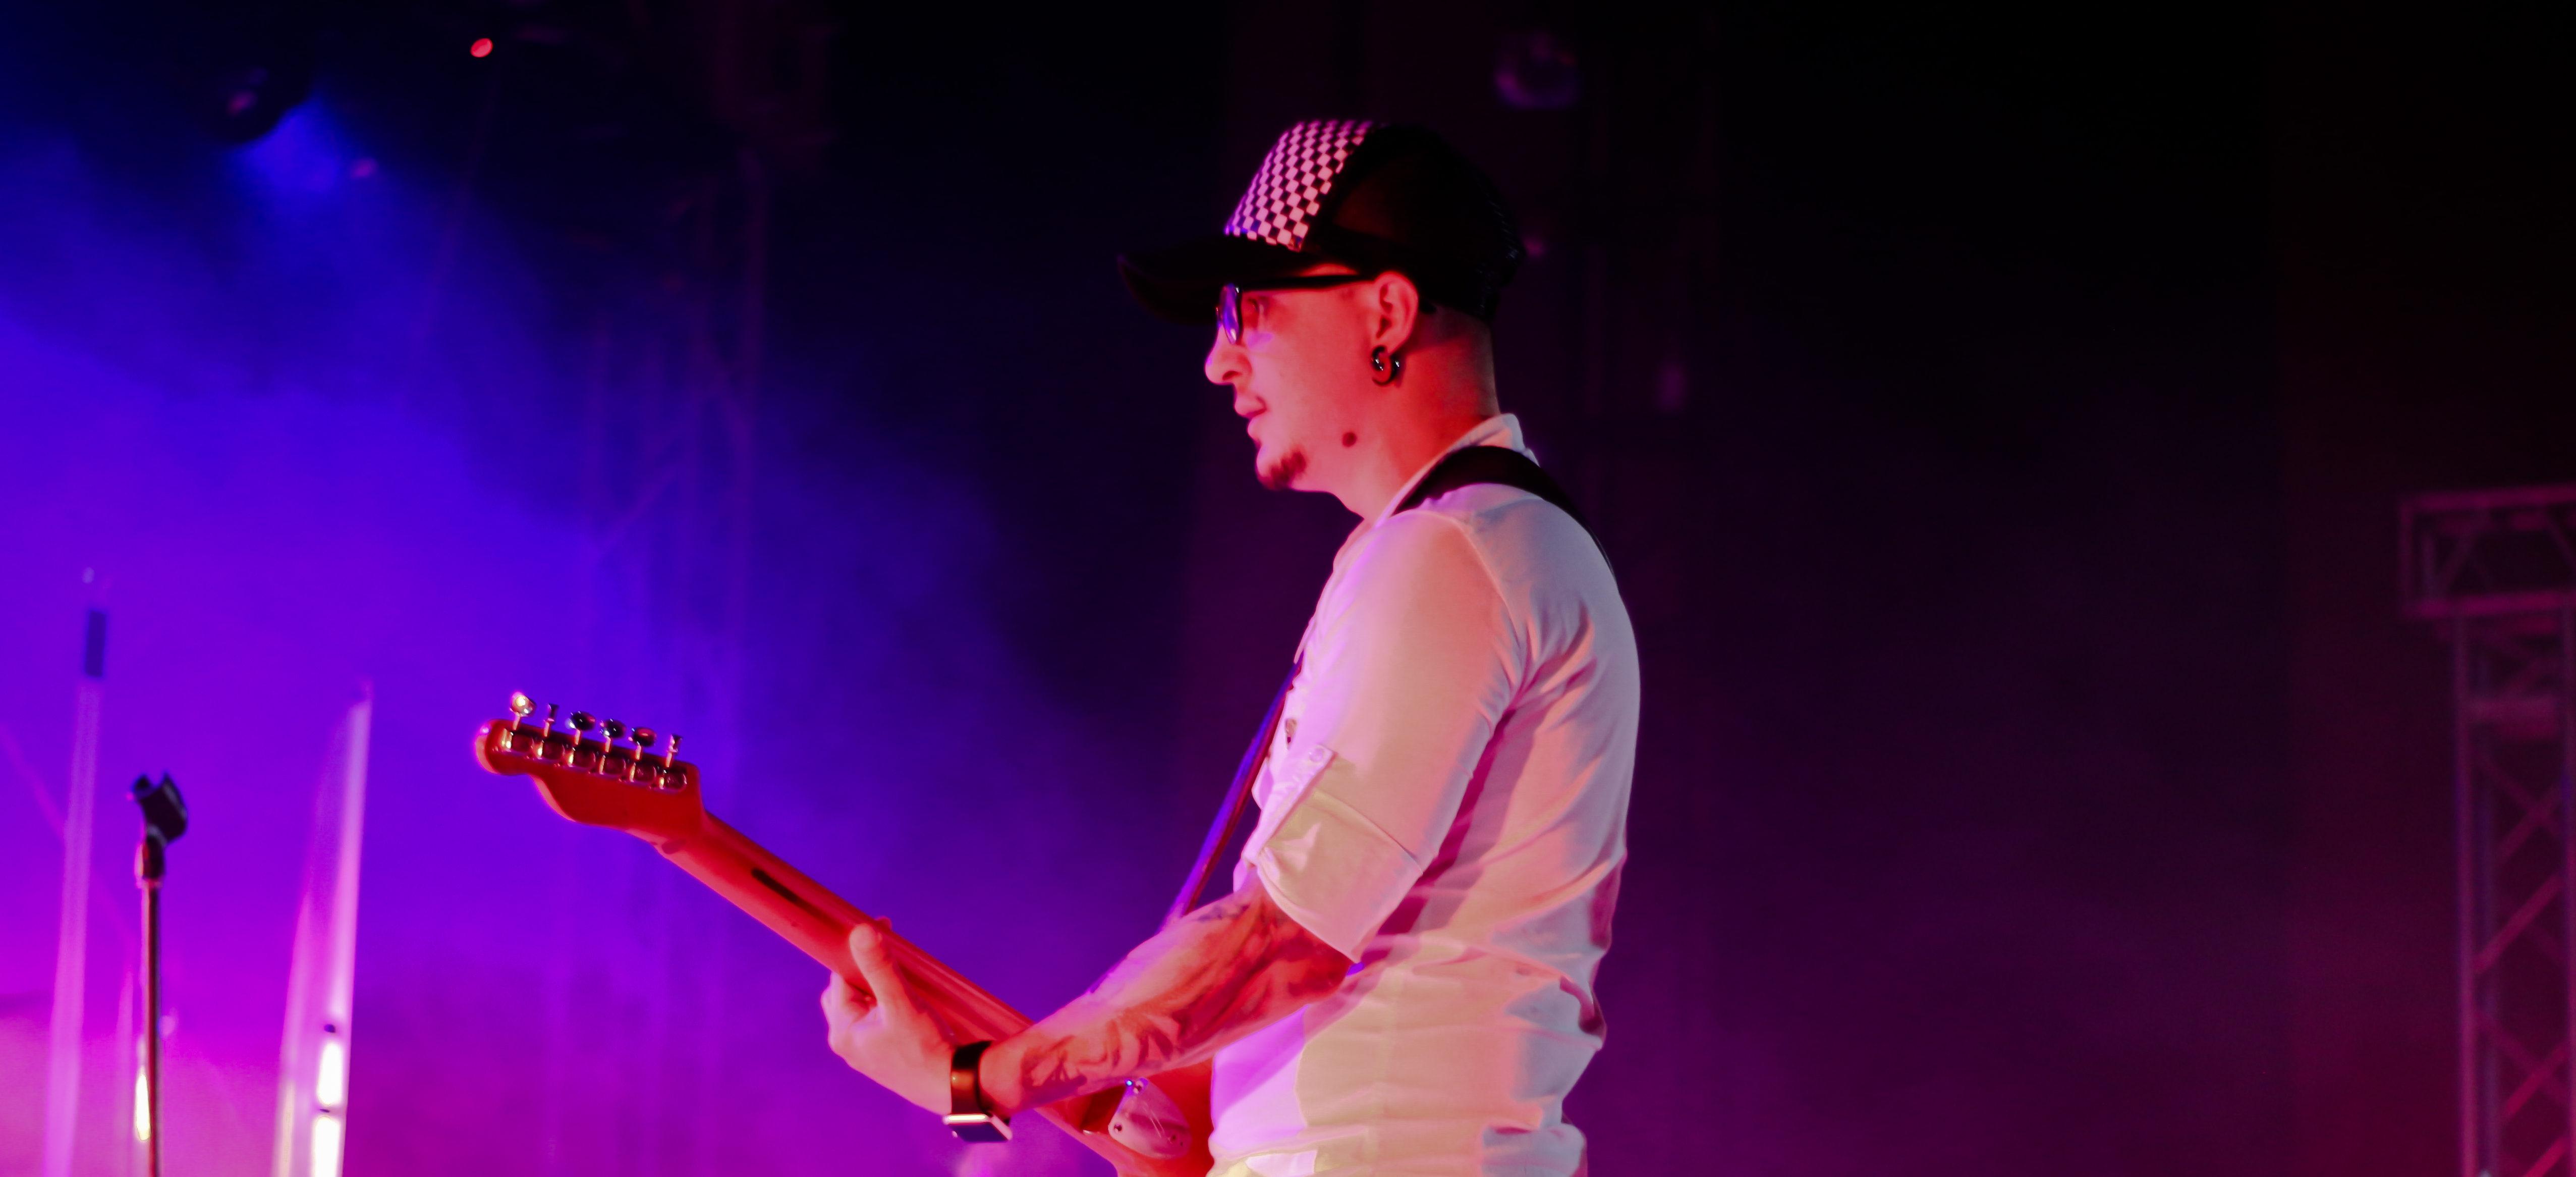 Интервью с гитаристом Дана Балана - Олегом Читаном